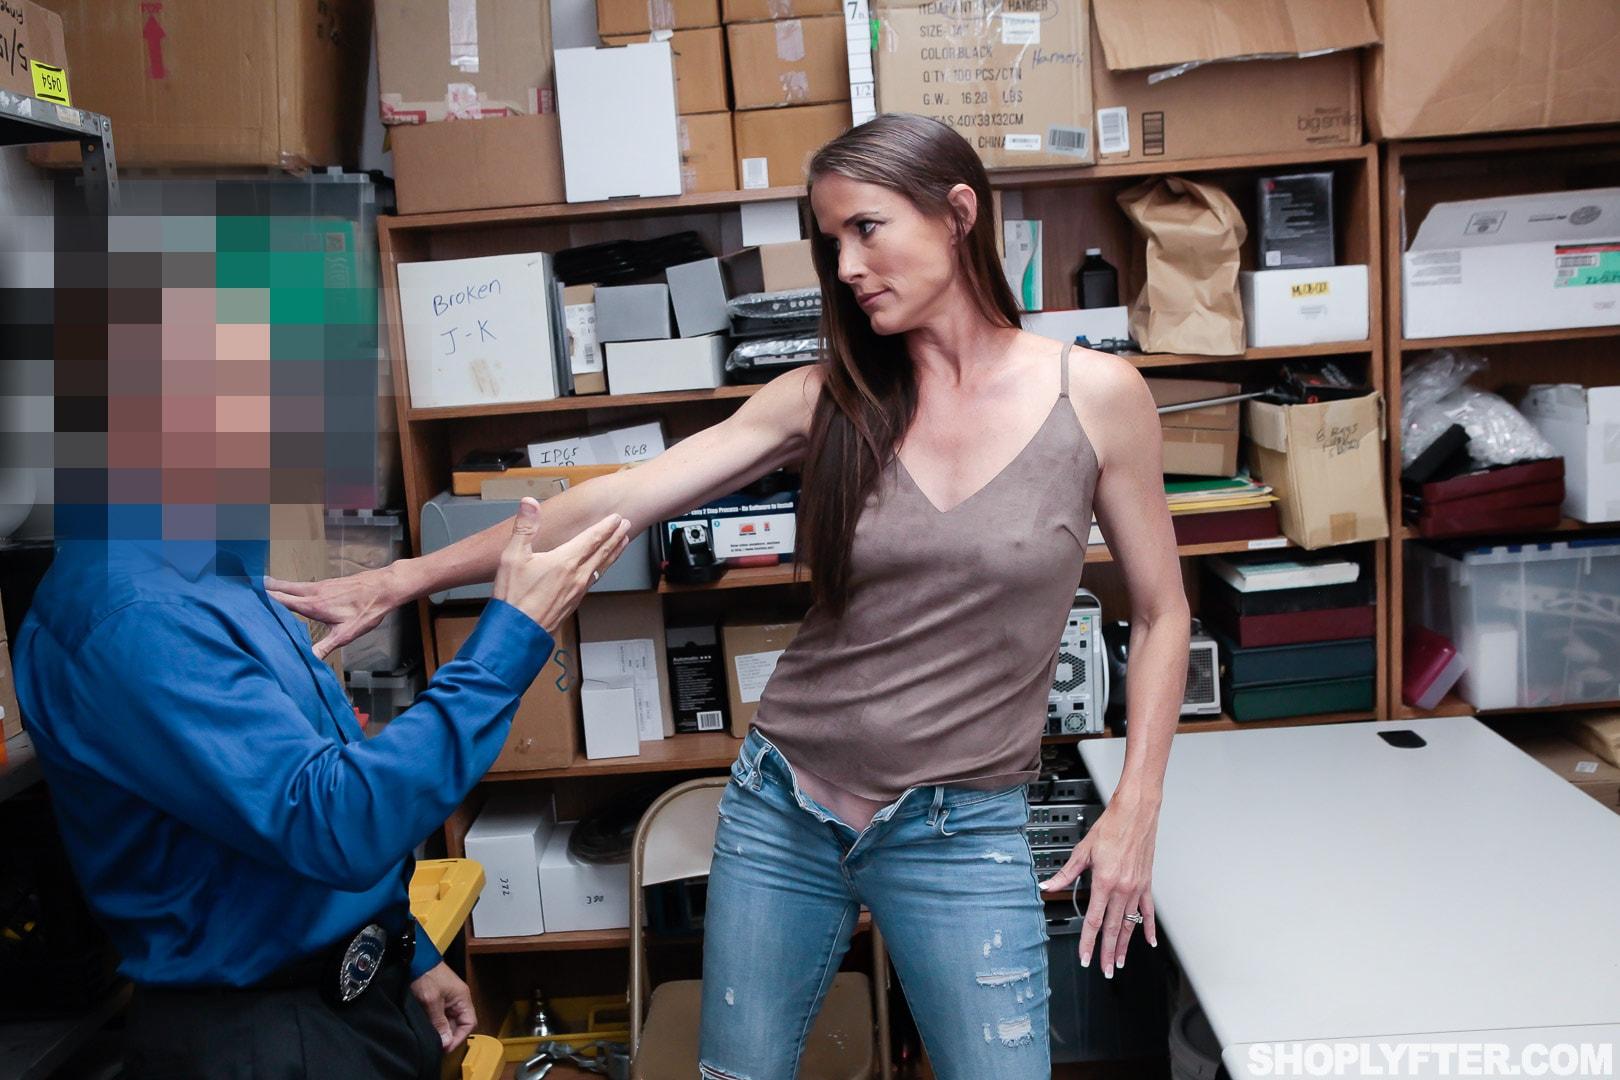 Team Skeet 'Case No. 4185156' starring Sofie Marie (Photo 42)